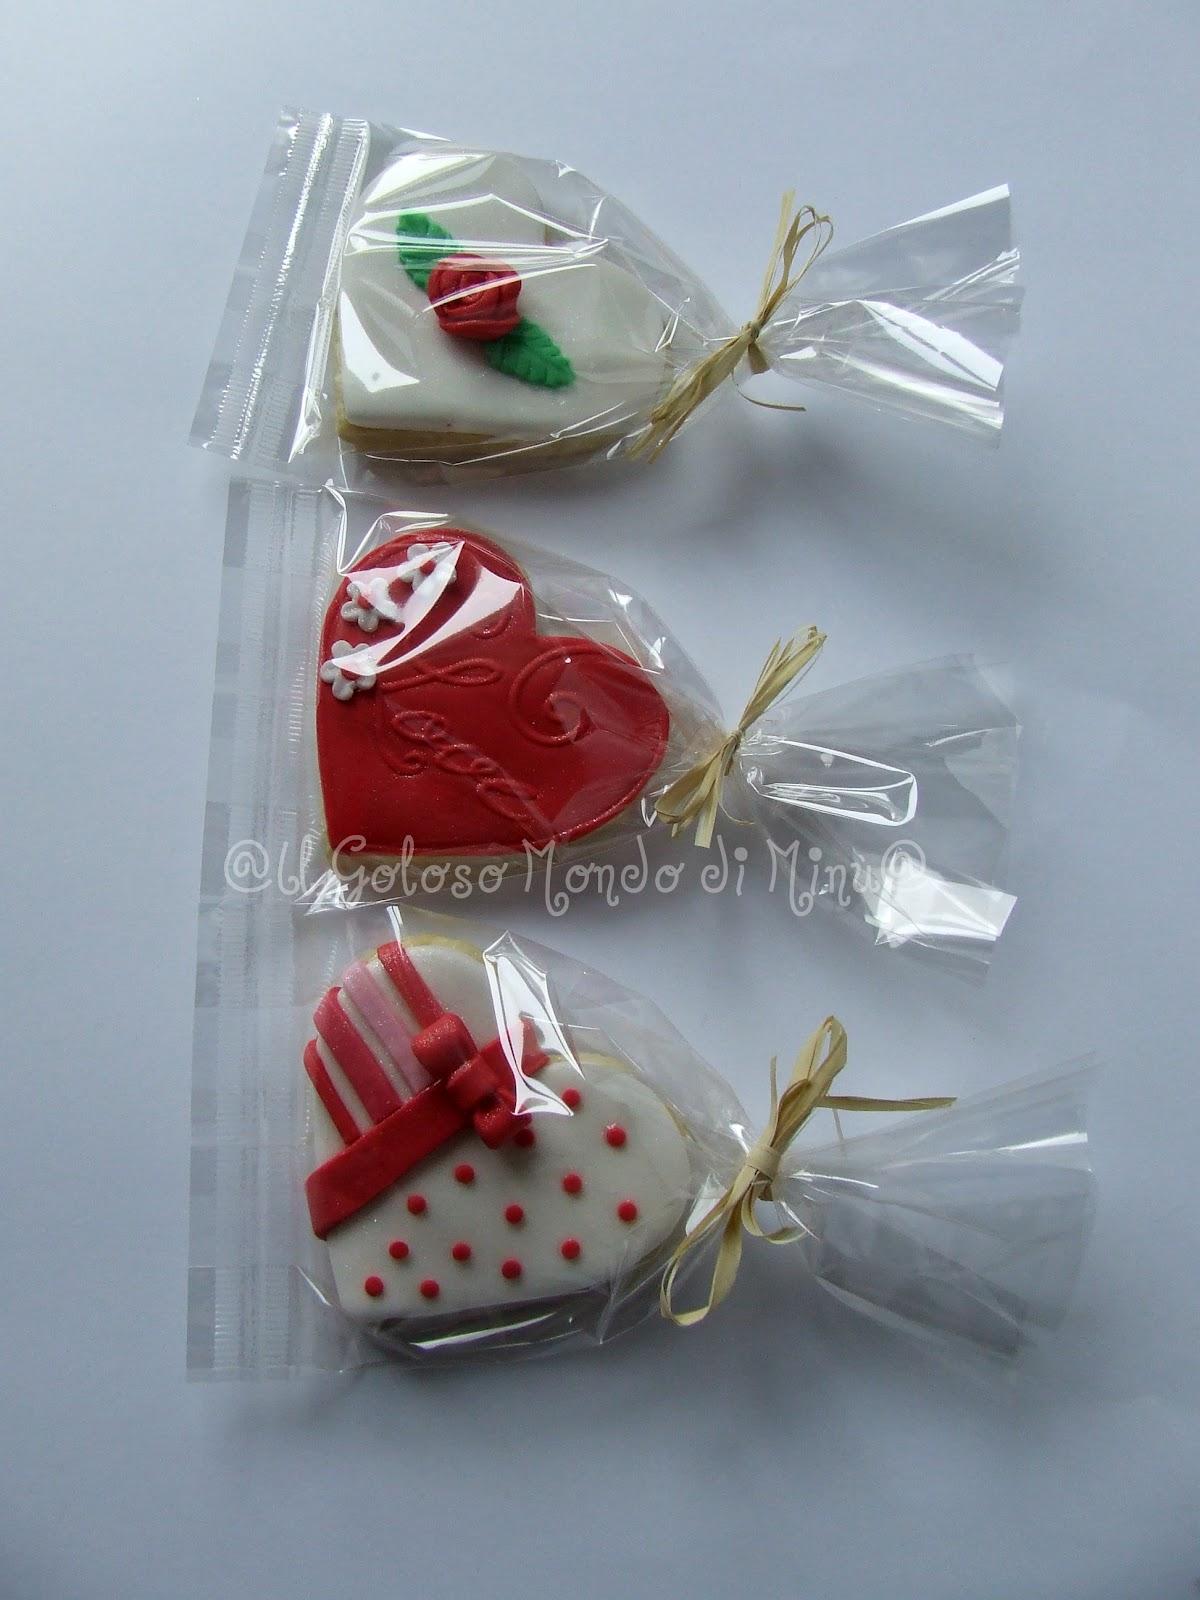 Il goloso mondo di minu 39 biscotti decorati di san valentino - Decori per san valentino ...